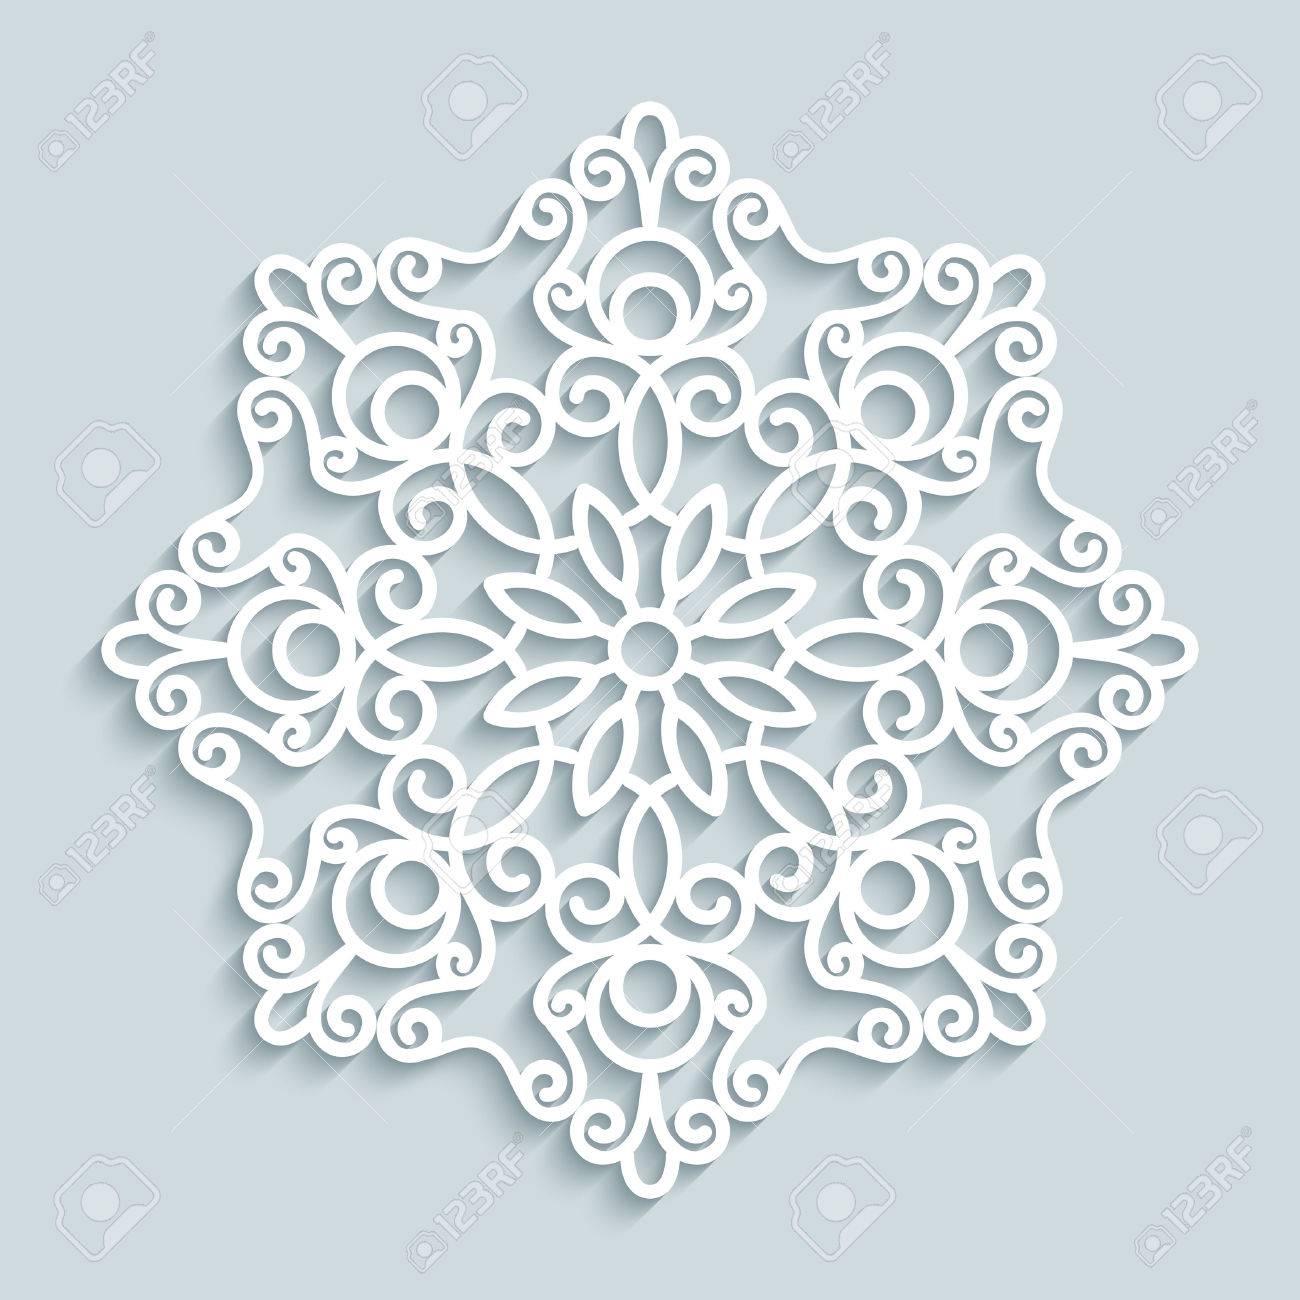 Papier Spitzendeckchen Dekorative Schneeflocke Mandala Rund